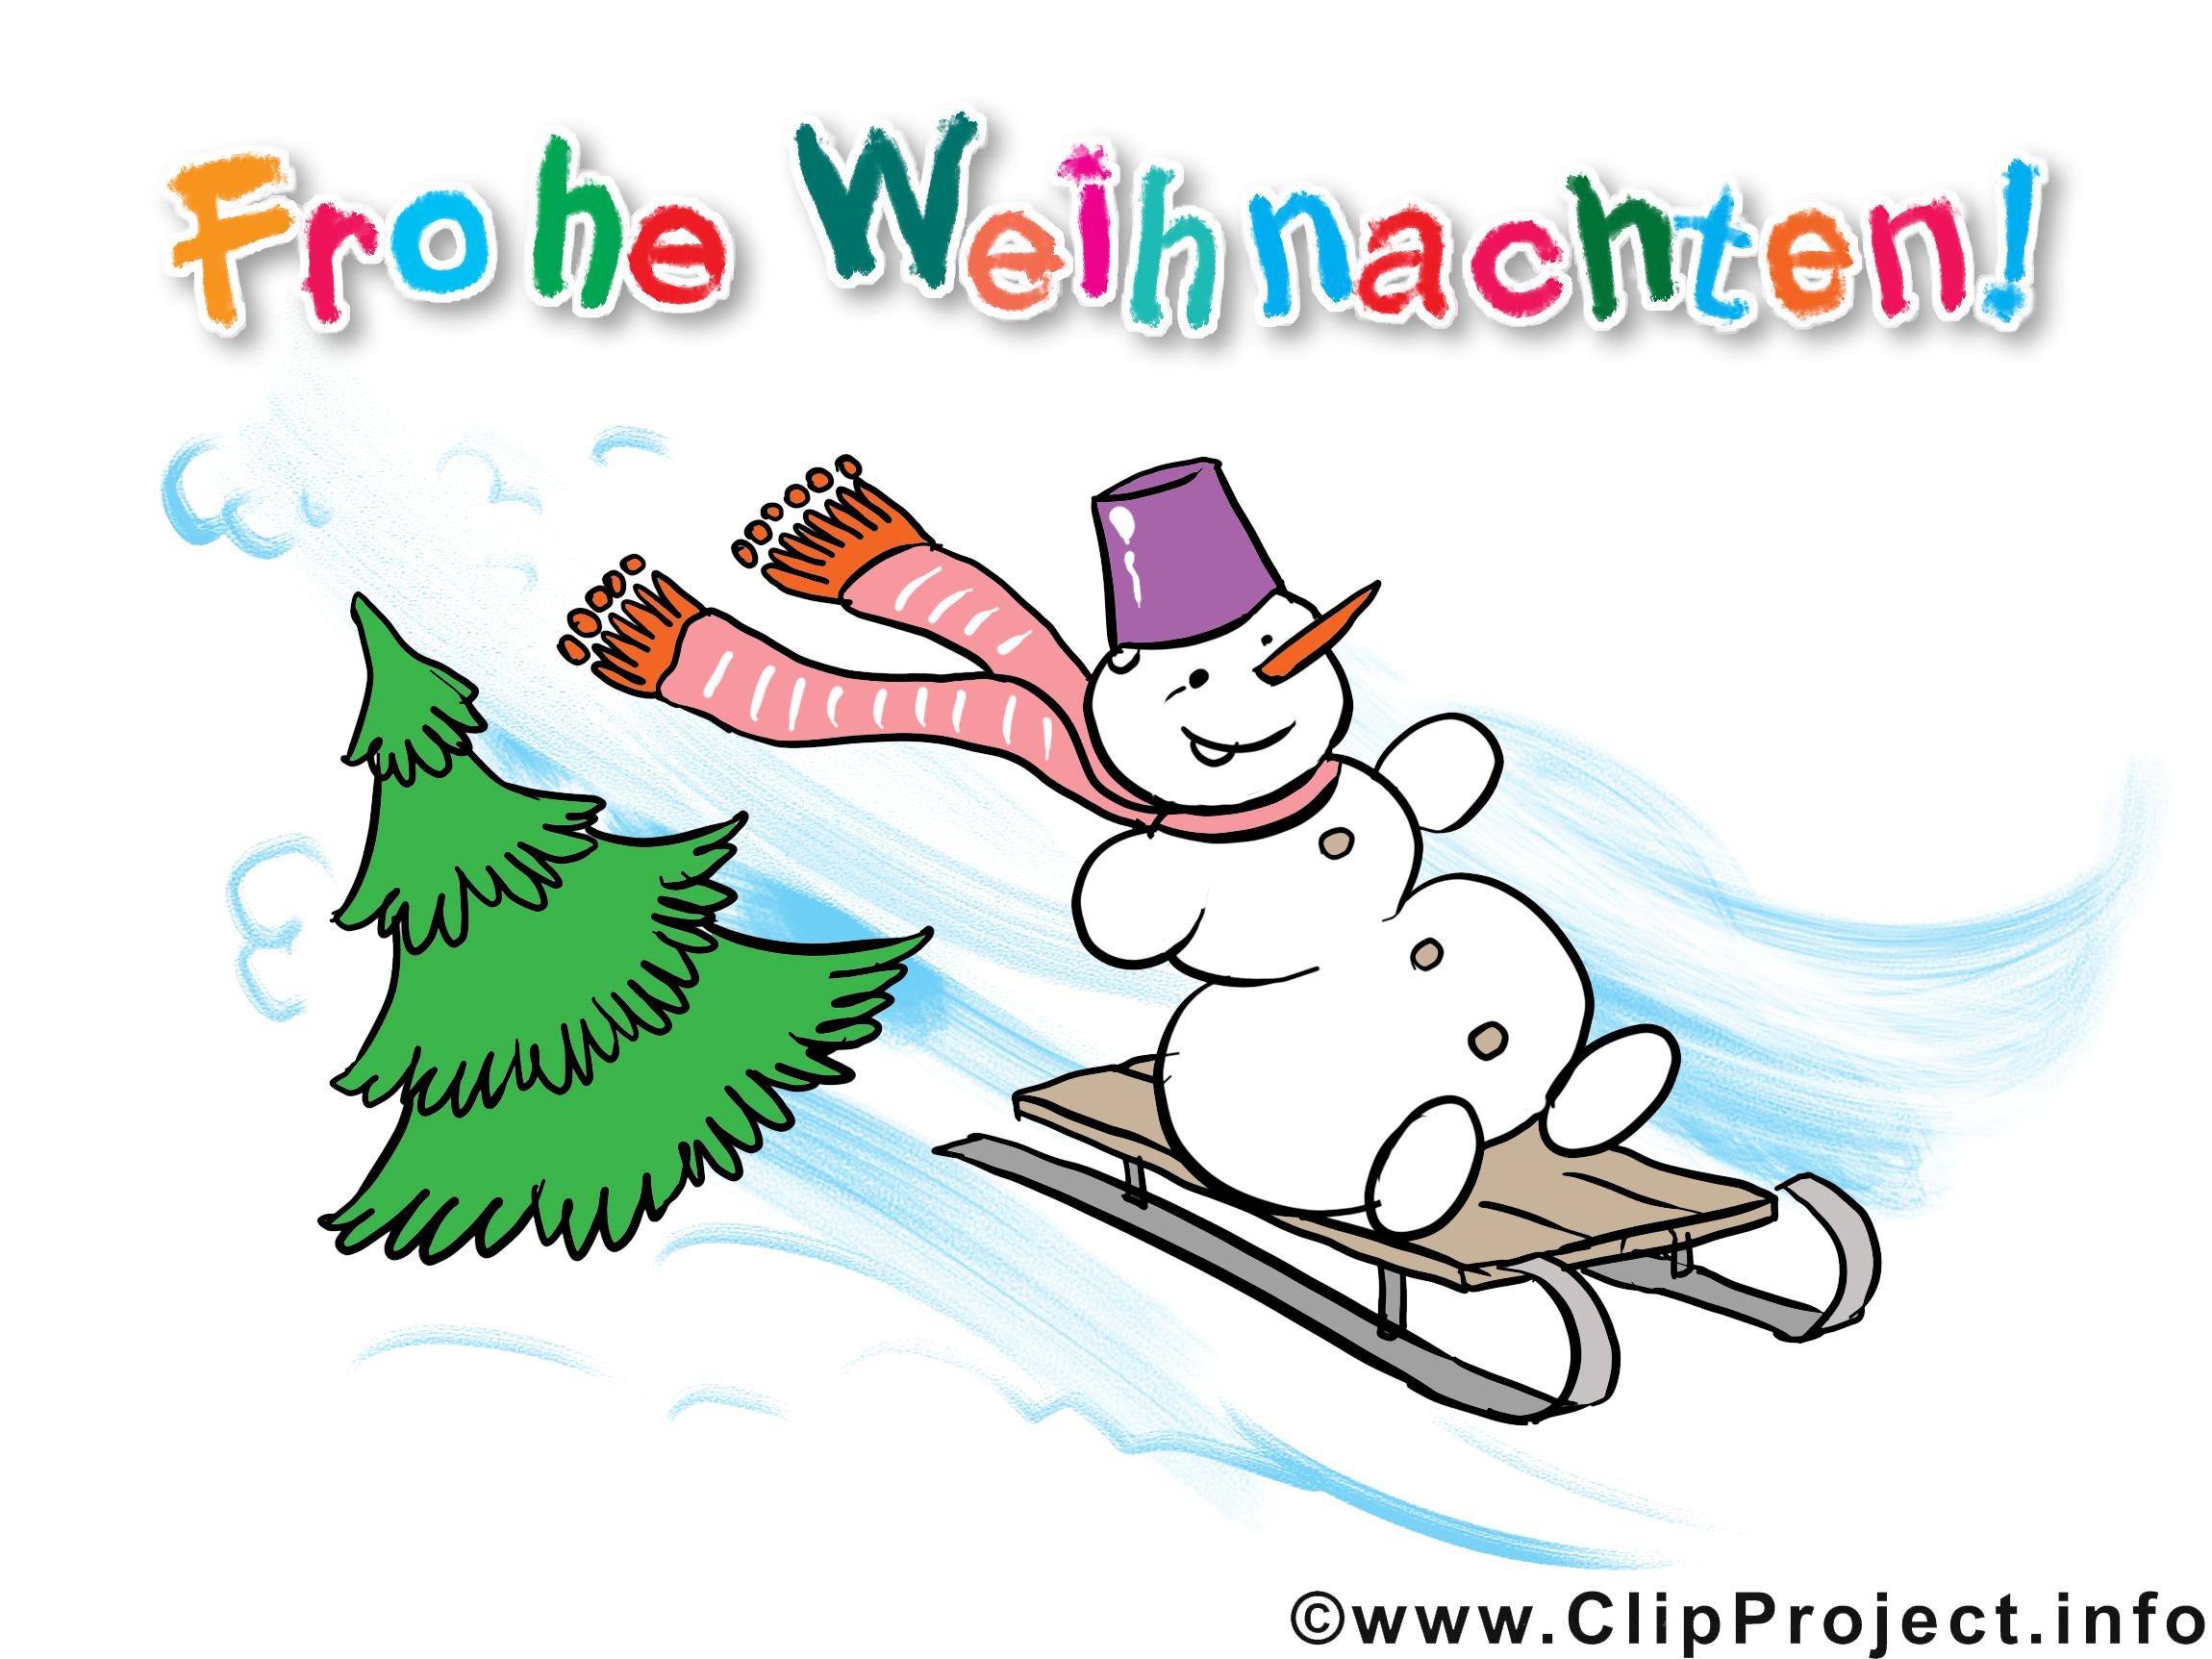 Weihnachtsbilder Bilder, Cliparts, Cartoons, Grafiken.